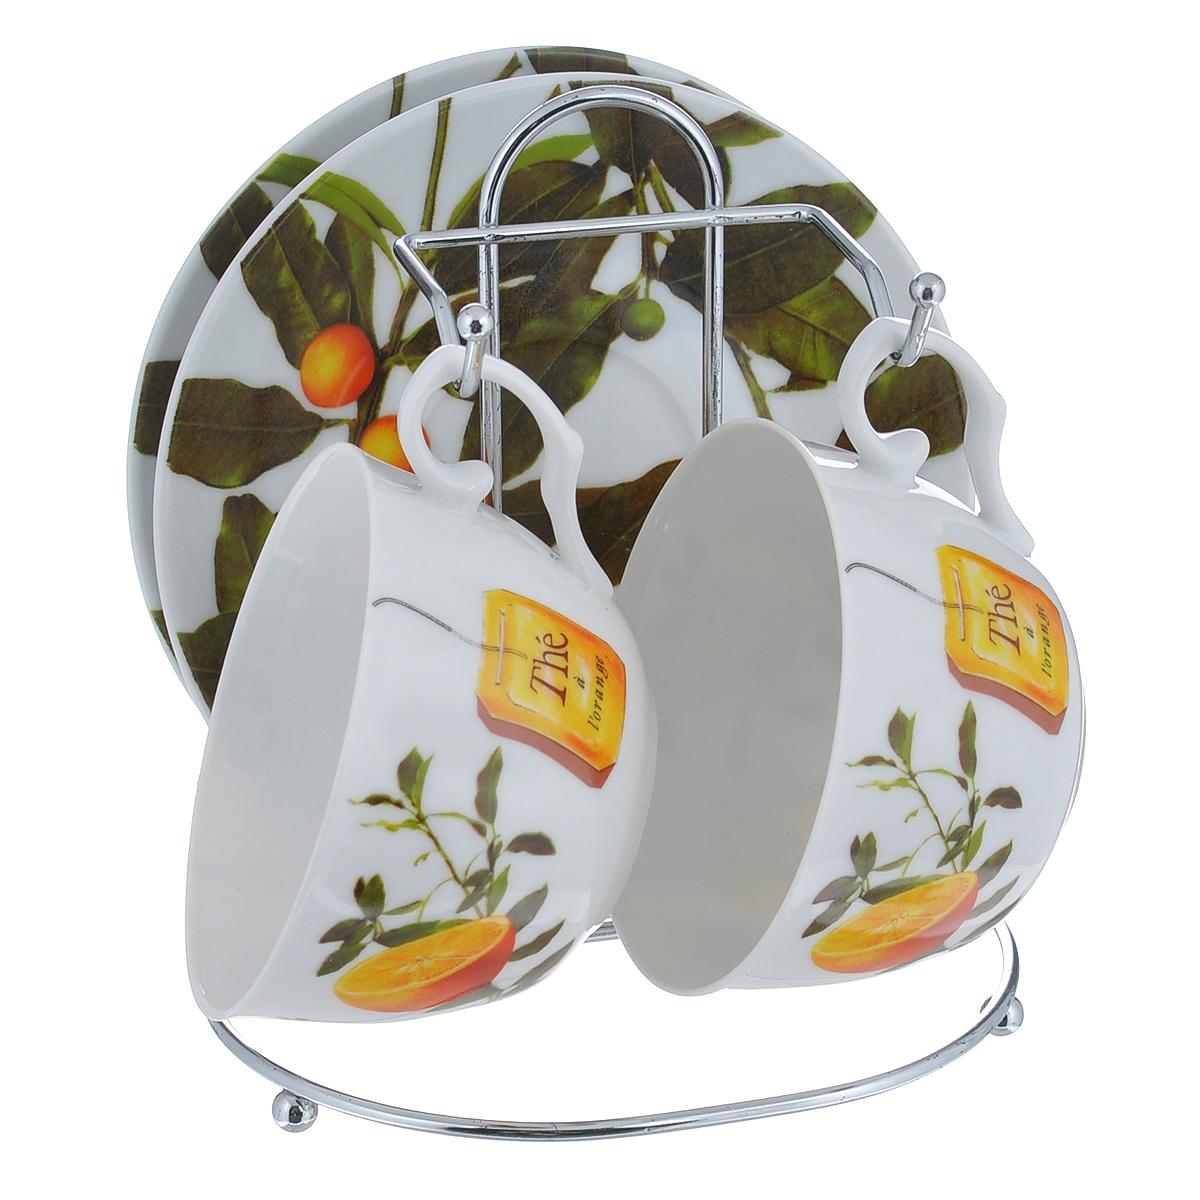 Набор чайный Larange Апельсин, 5 предметов586-262Чайный набор Апельсин состоит из двух чашек и двух блюдец. Предметы набора изготовлены из высококачественного фарфора и оформлены изображением апельсинов. Чашки и блюдца располагаются на удобной металлической подставке. Элегантный дизайн чайного набора придется по вкусу и ценителям классики, и тем, кто предпочитает утонченность и изысканность. Он настроит на позитивный лад и подарит хорошее настроение с самого утра. Не использовать в микроволновой печи. Не применять абразивные чистящие средства.